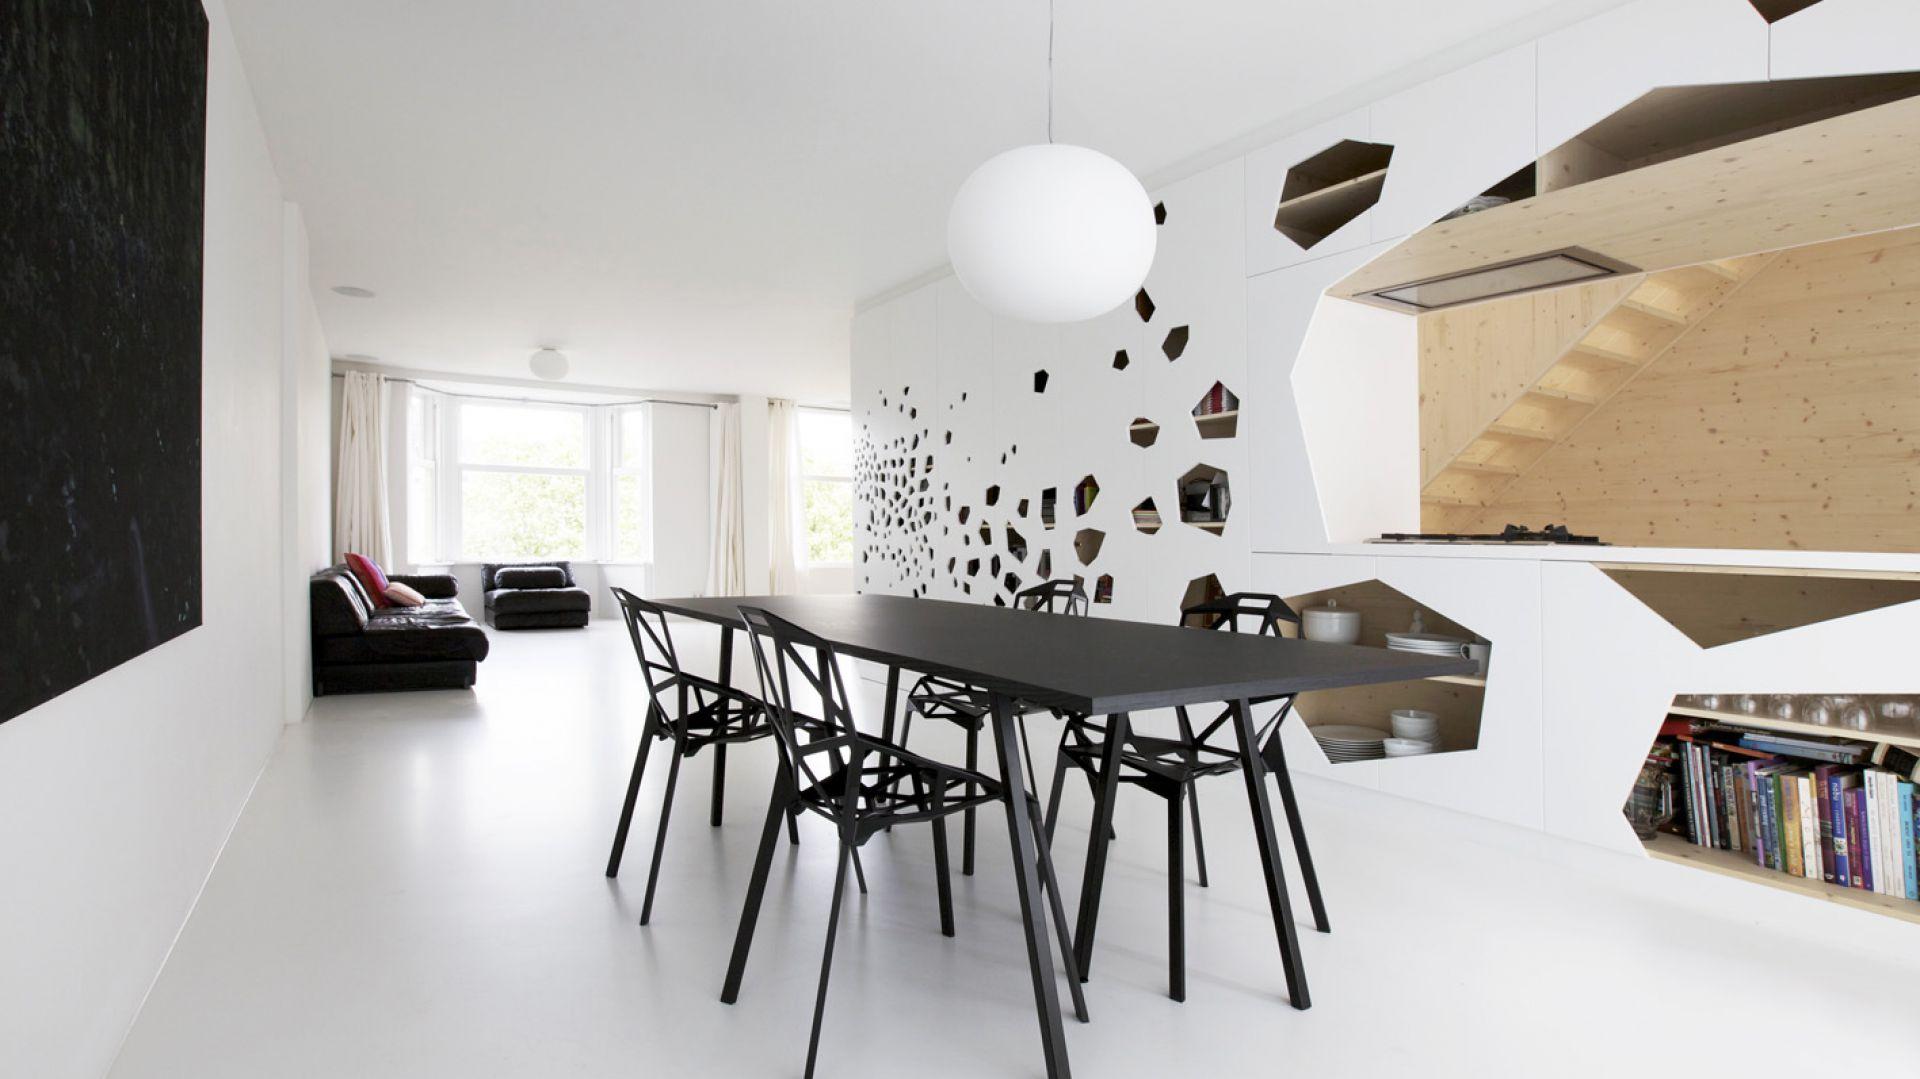 Efektowne białe panele, pokrywające zabudowę kuchenną, pełnią rolę oryginalnego elementu dzielącego umownie przestrzeń. Designerskie krzesła projektu Magis Constantin Grcic komponują się stylistycznie z otworami w panelach. Projekt: i29 interior architects. Fot. i29 interior architects.